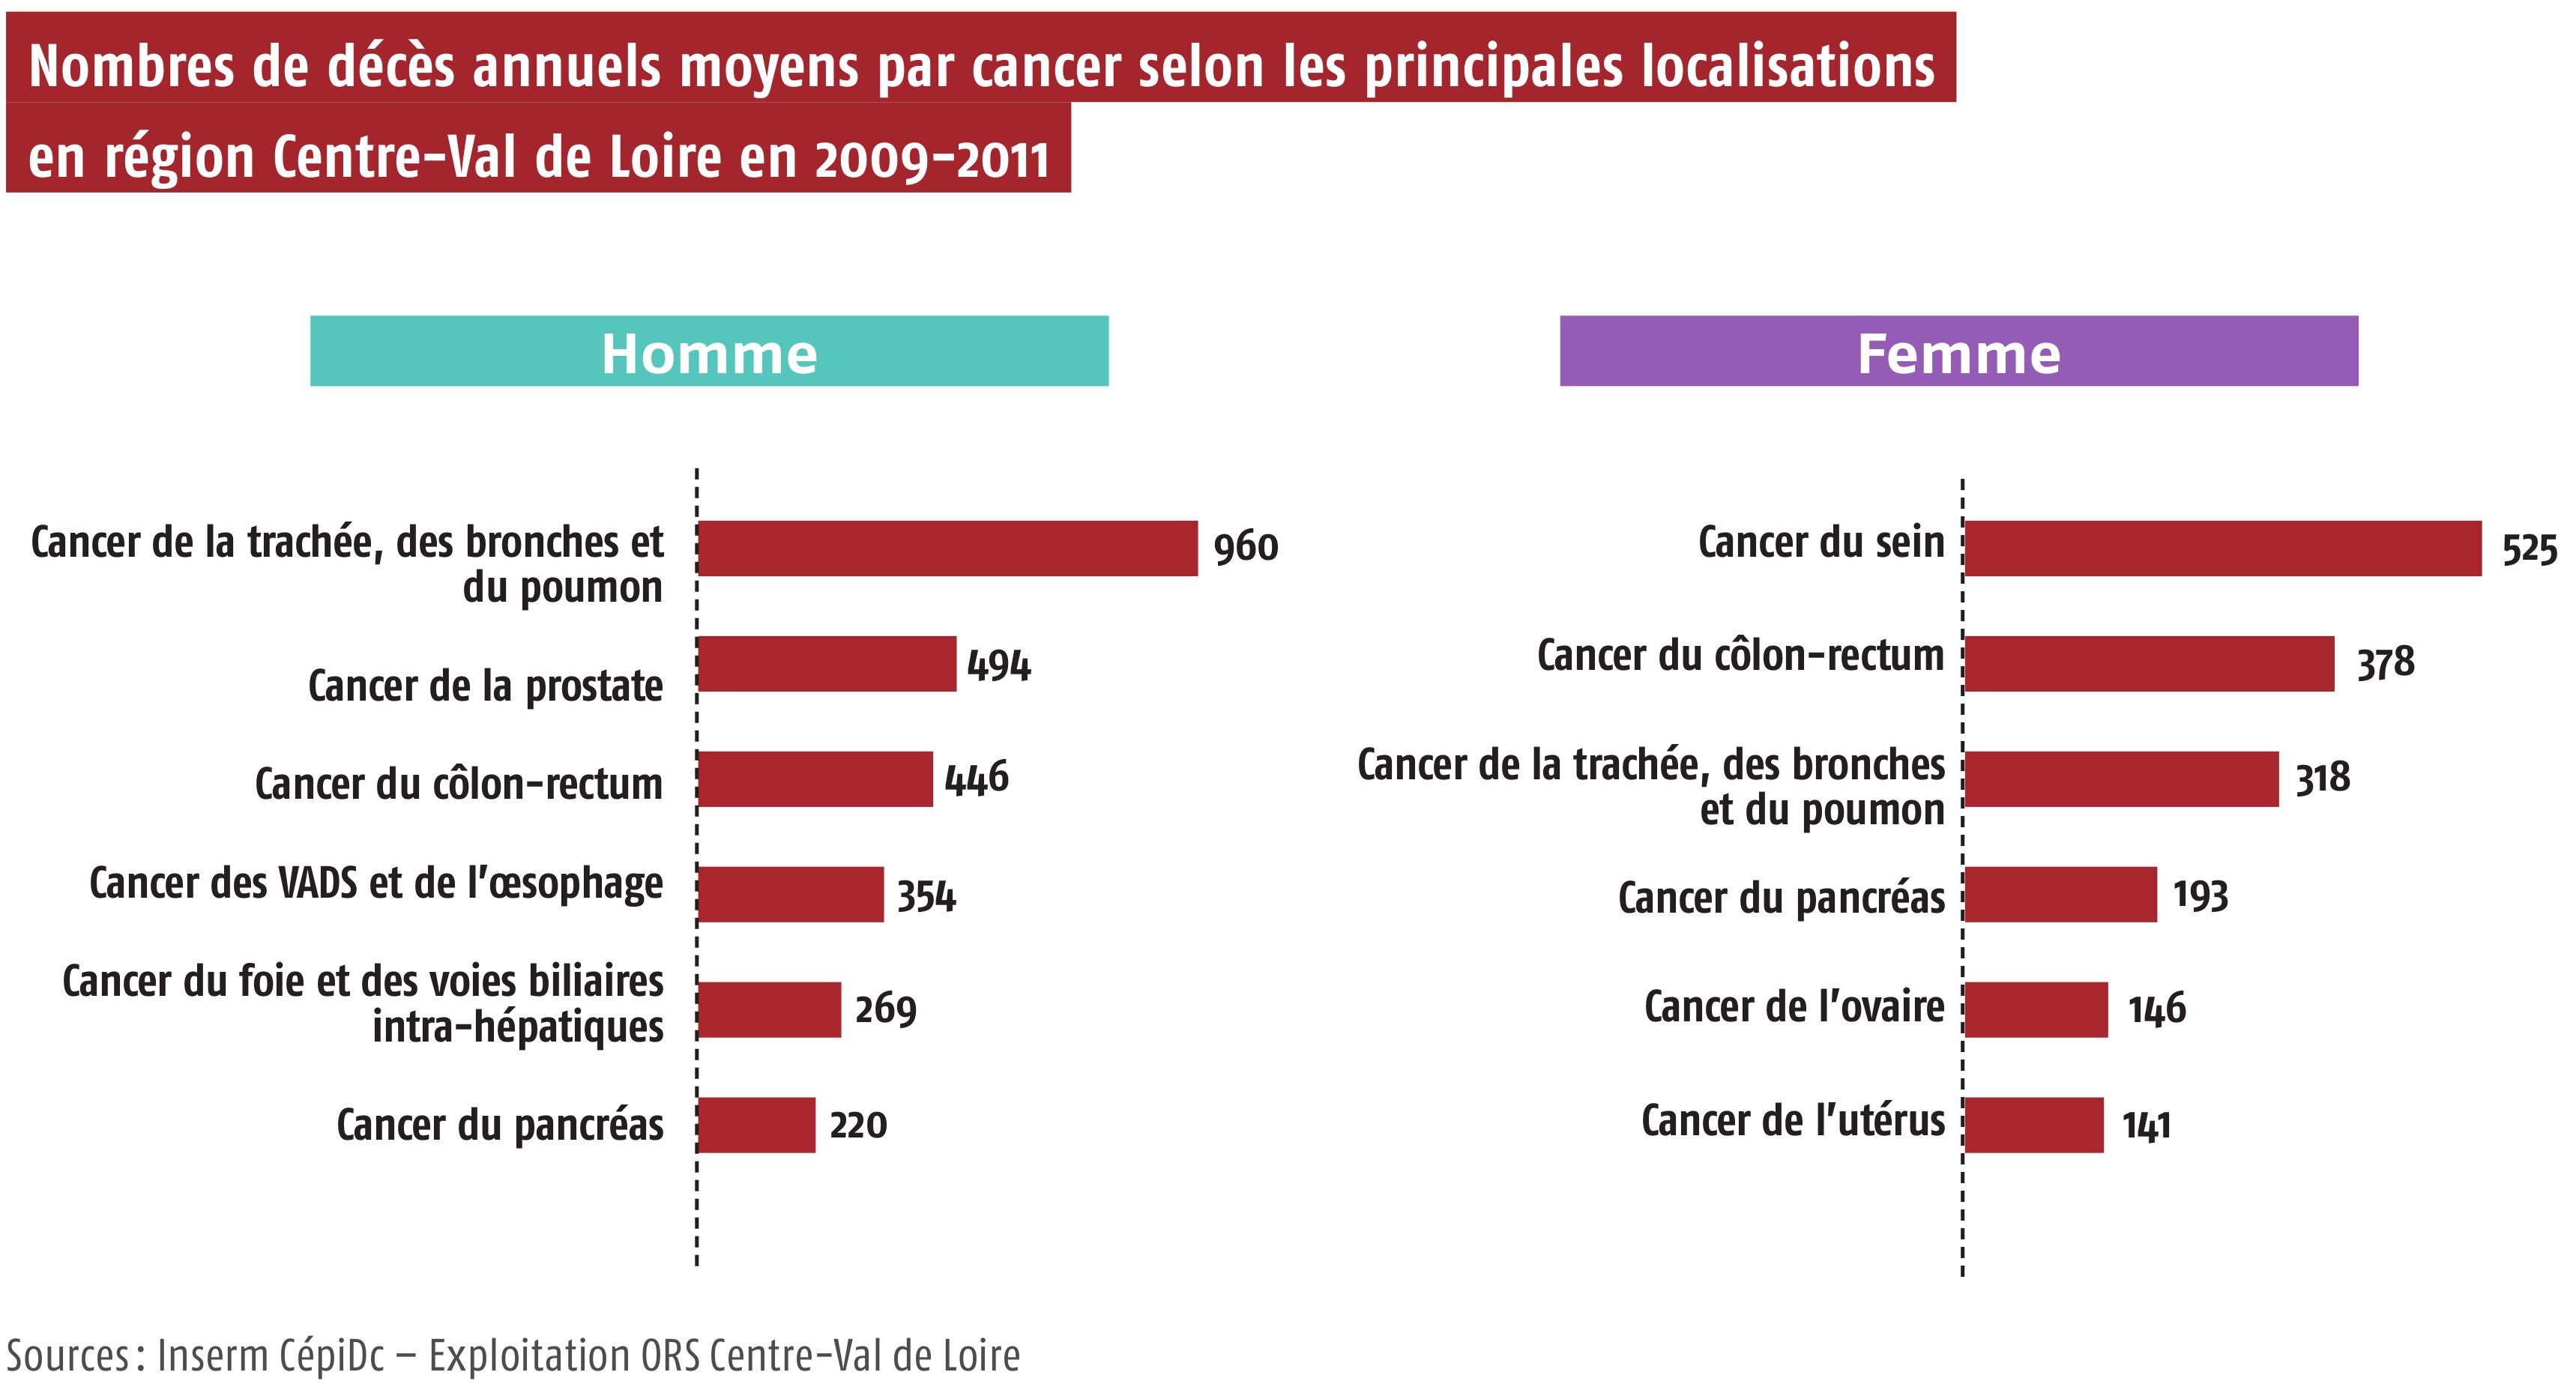 Nombres de décès annuels moyens par cancer selon les principales localisations en région Centre-Val de Loire en 2009-2011